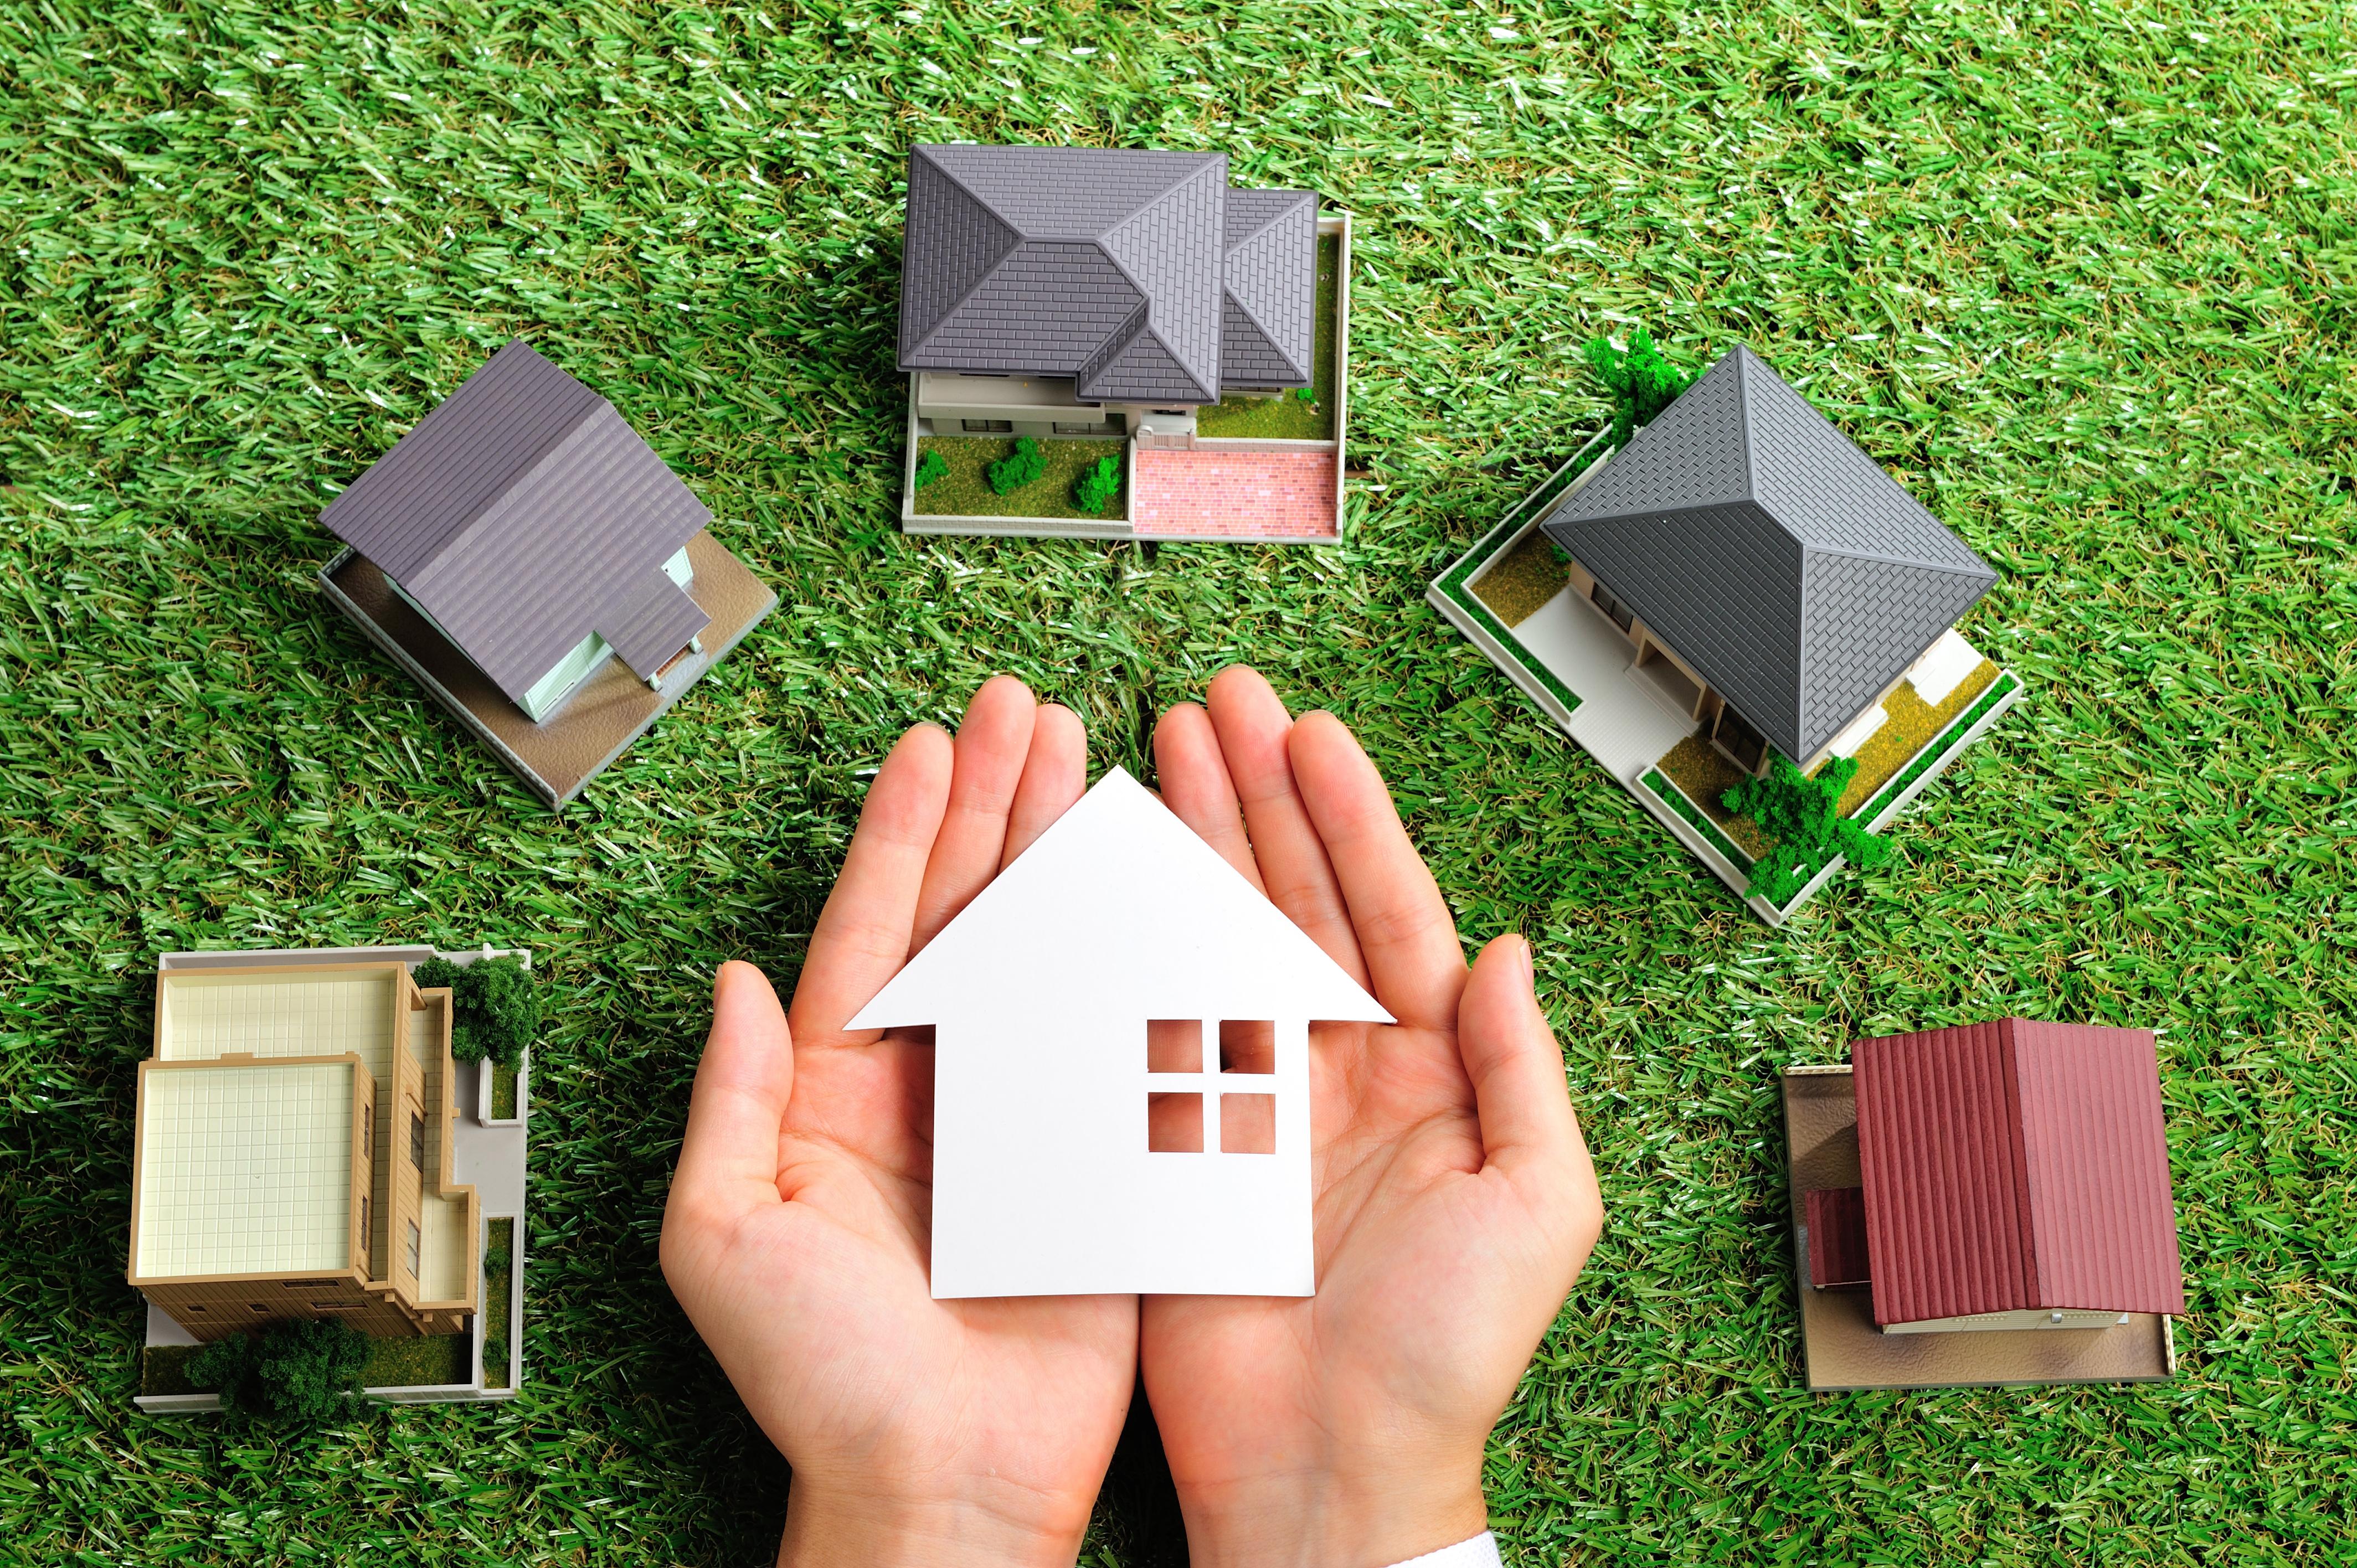 不動産・住宅に関連したおしゃれなホームページ事例7選!